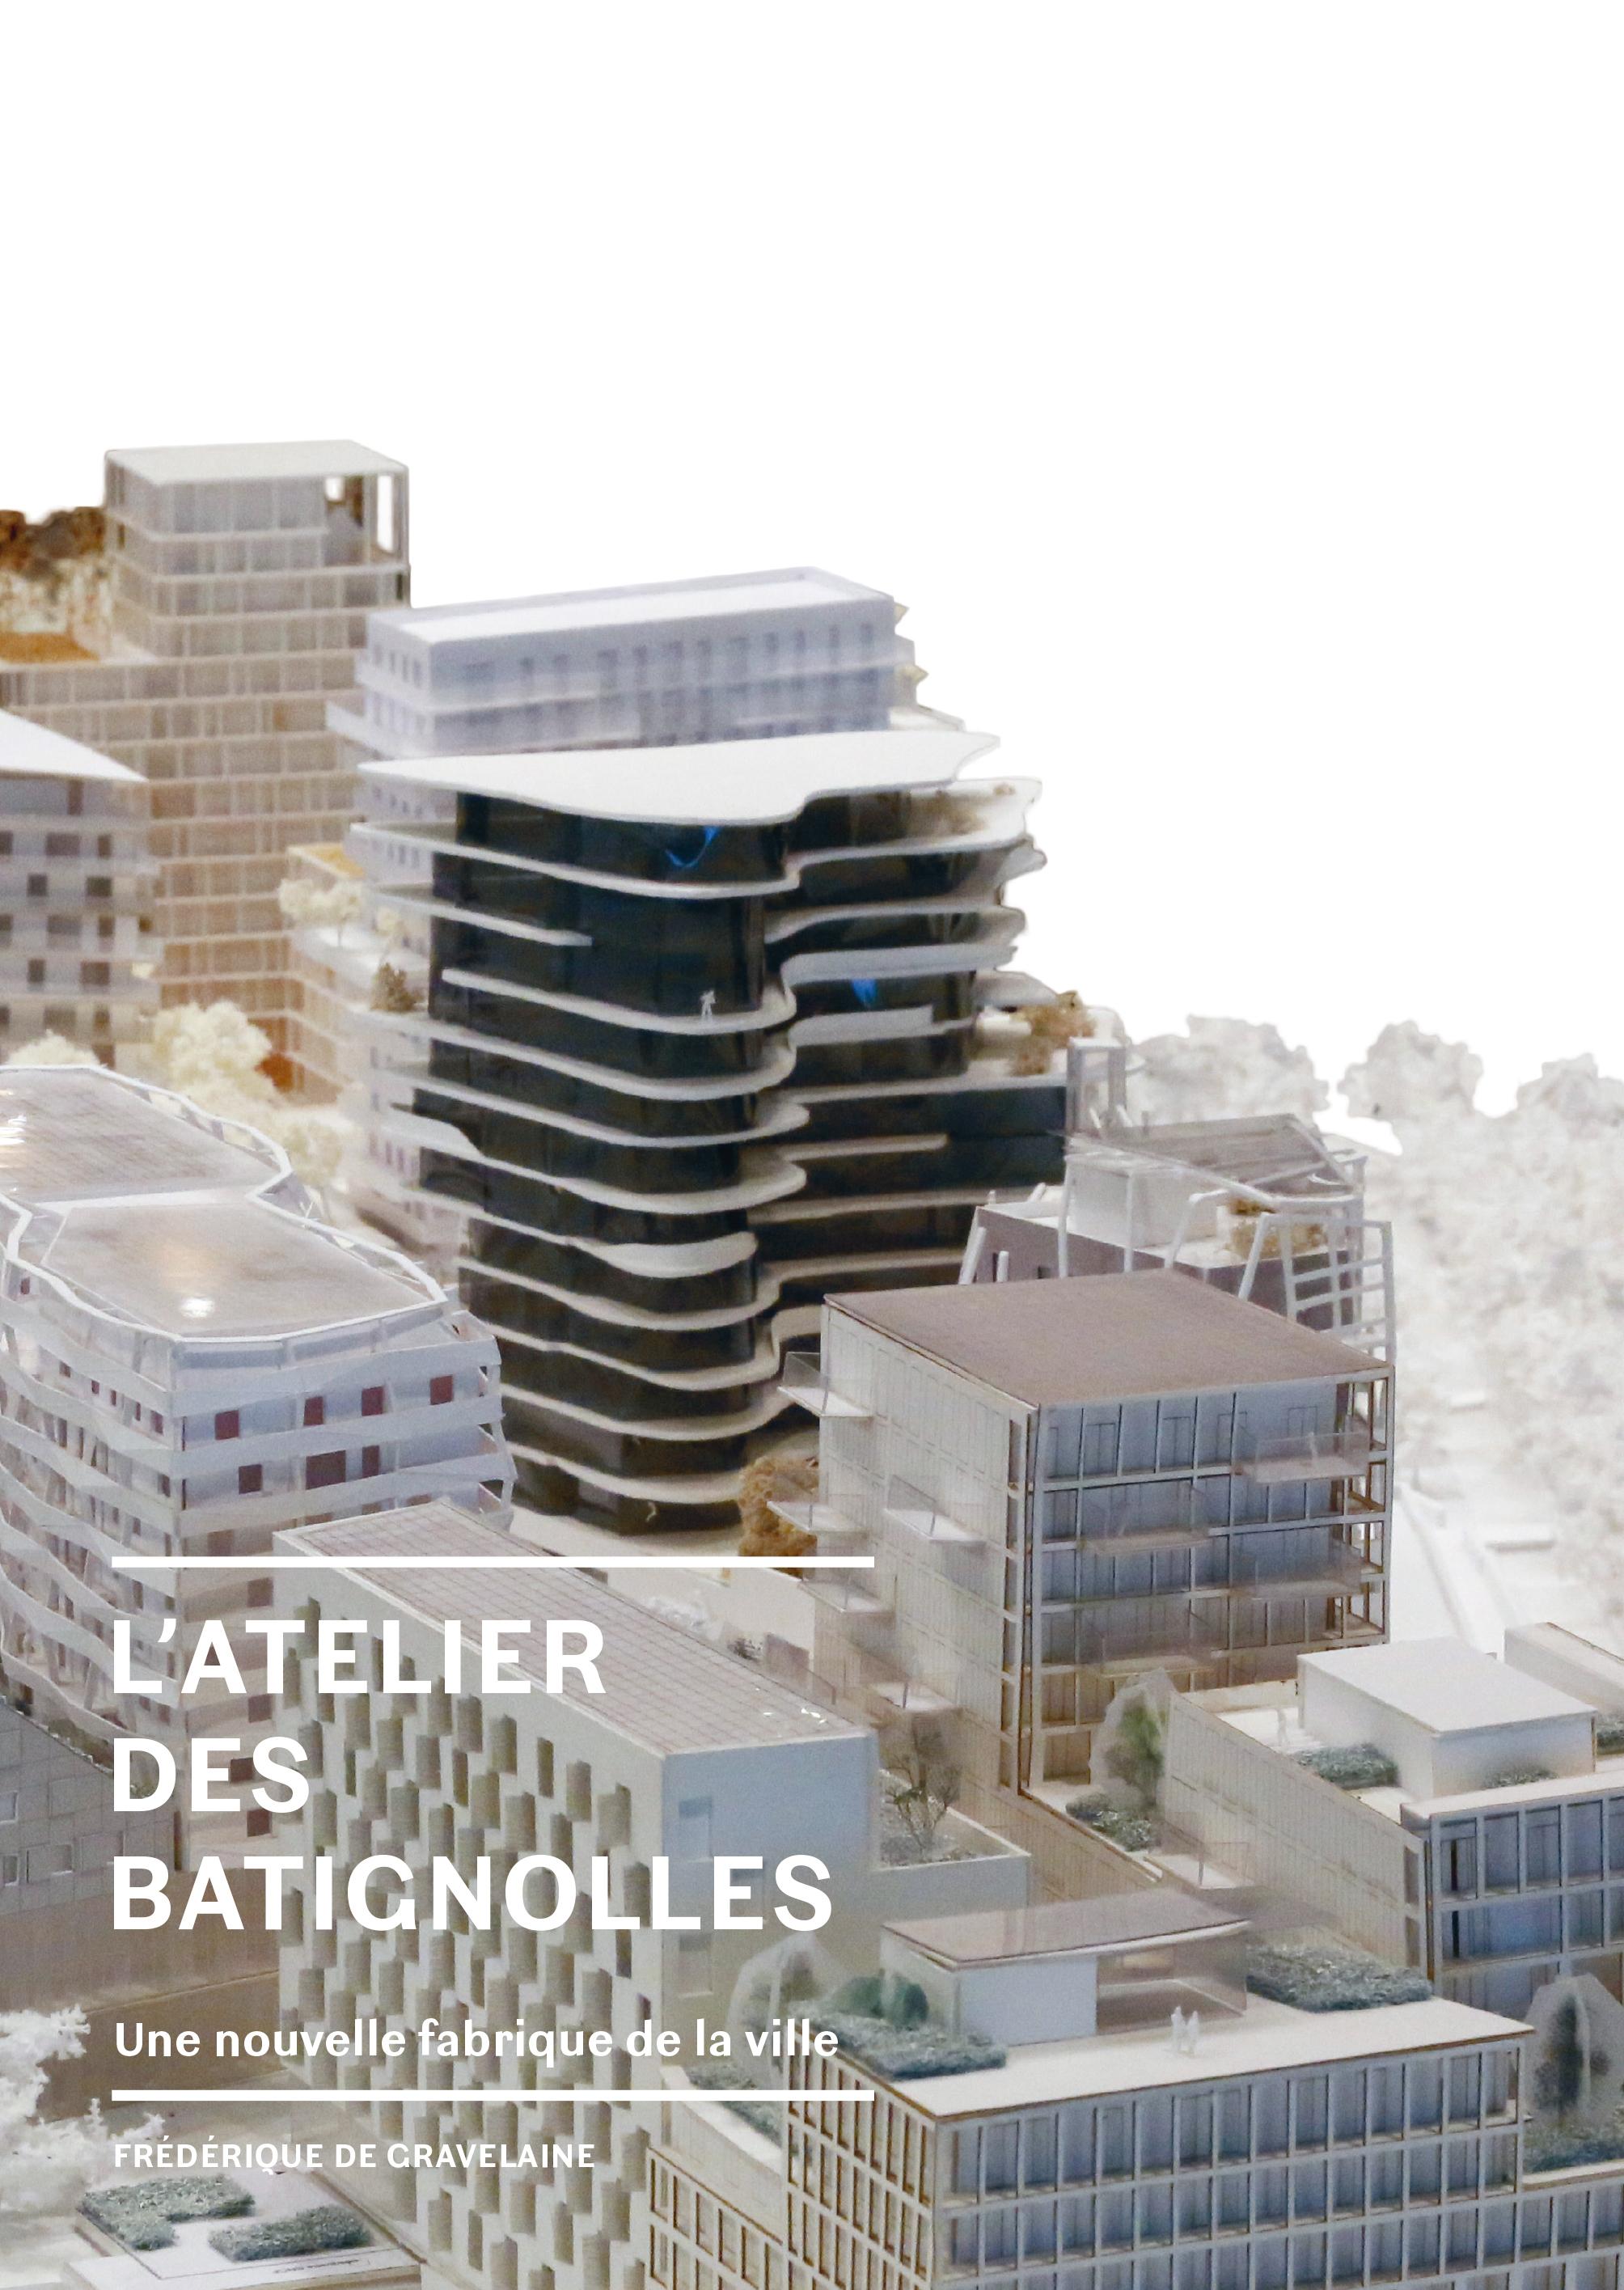 L'ATELIER DES BATIGNOLLES - UNE NOUVELLE FABRIQUE DE LA VILLE